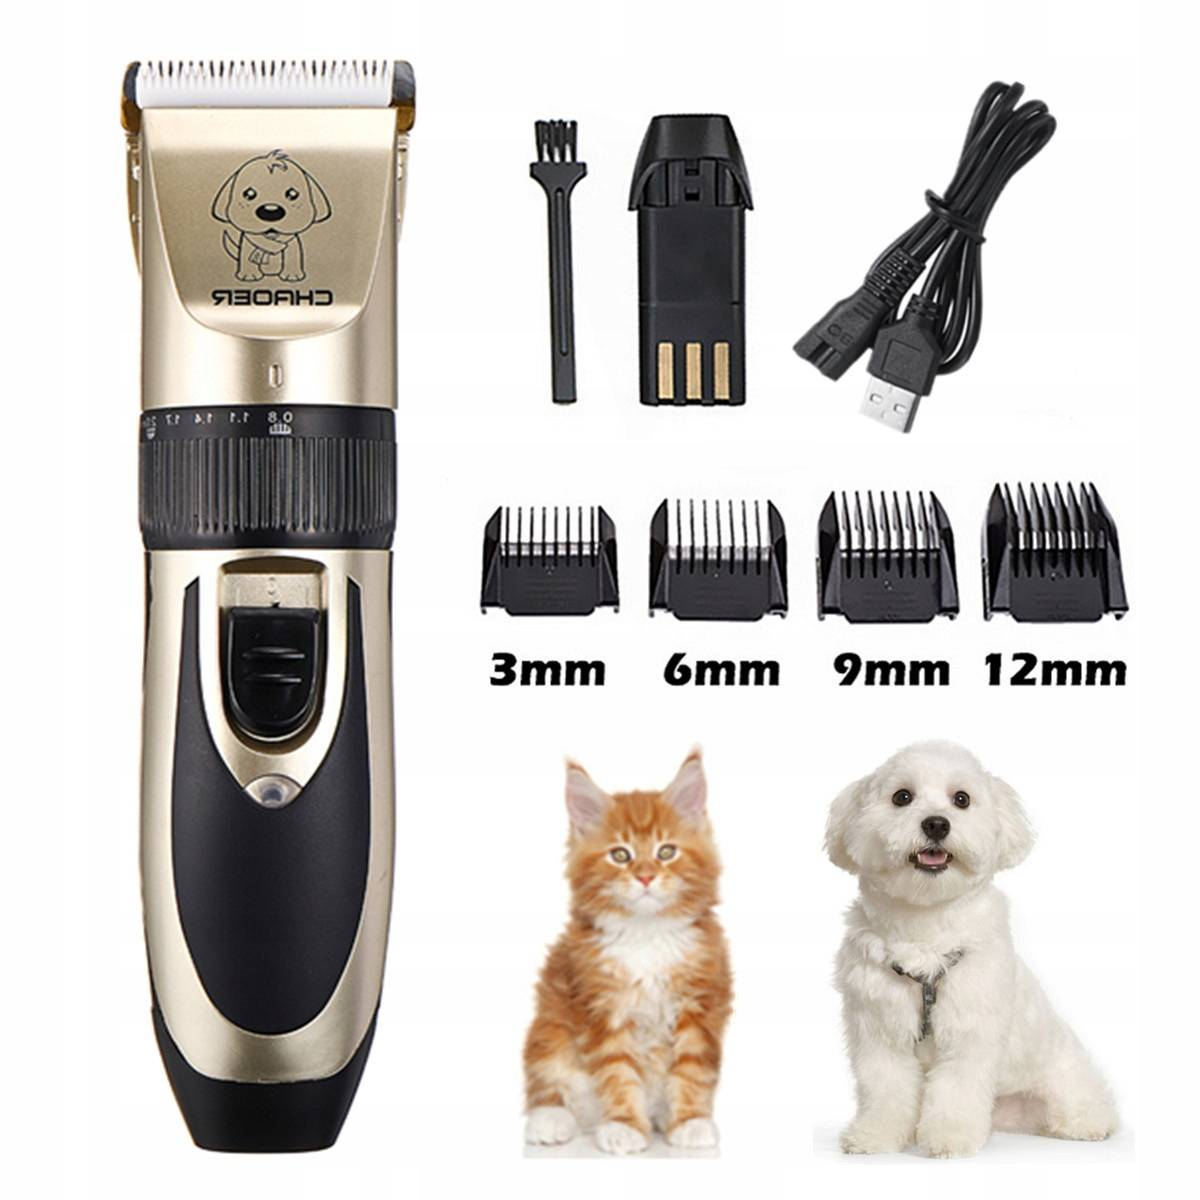 Какой бывает машинка для стрижки кошек - мир кошек